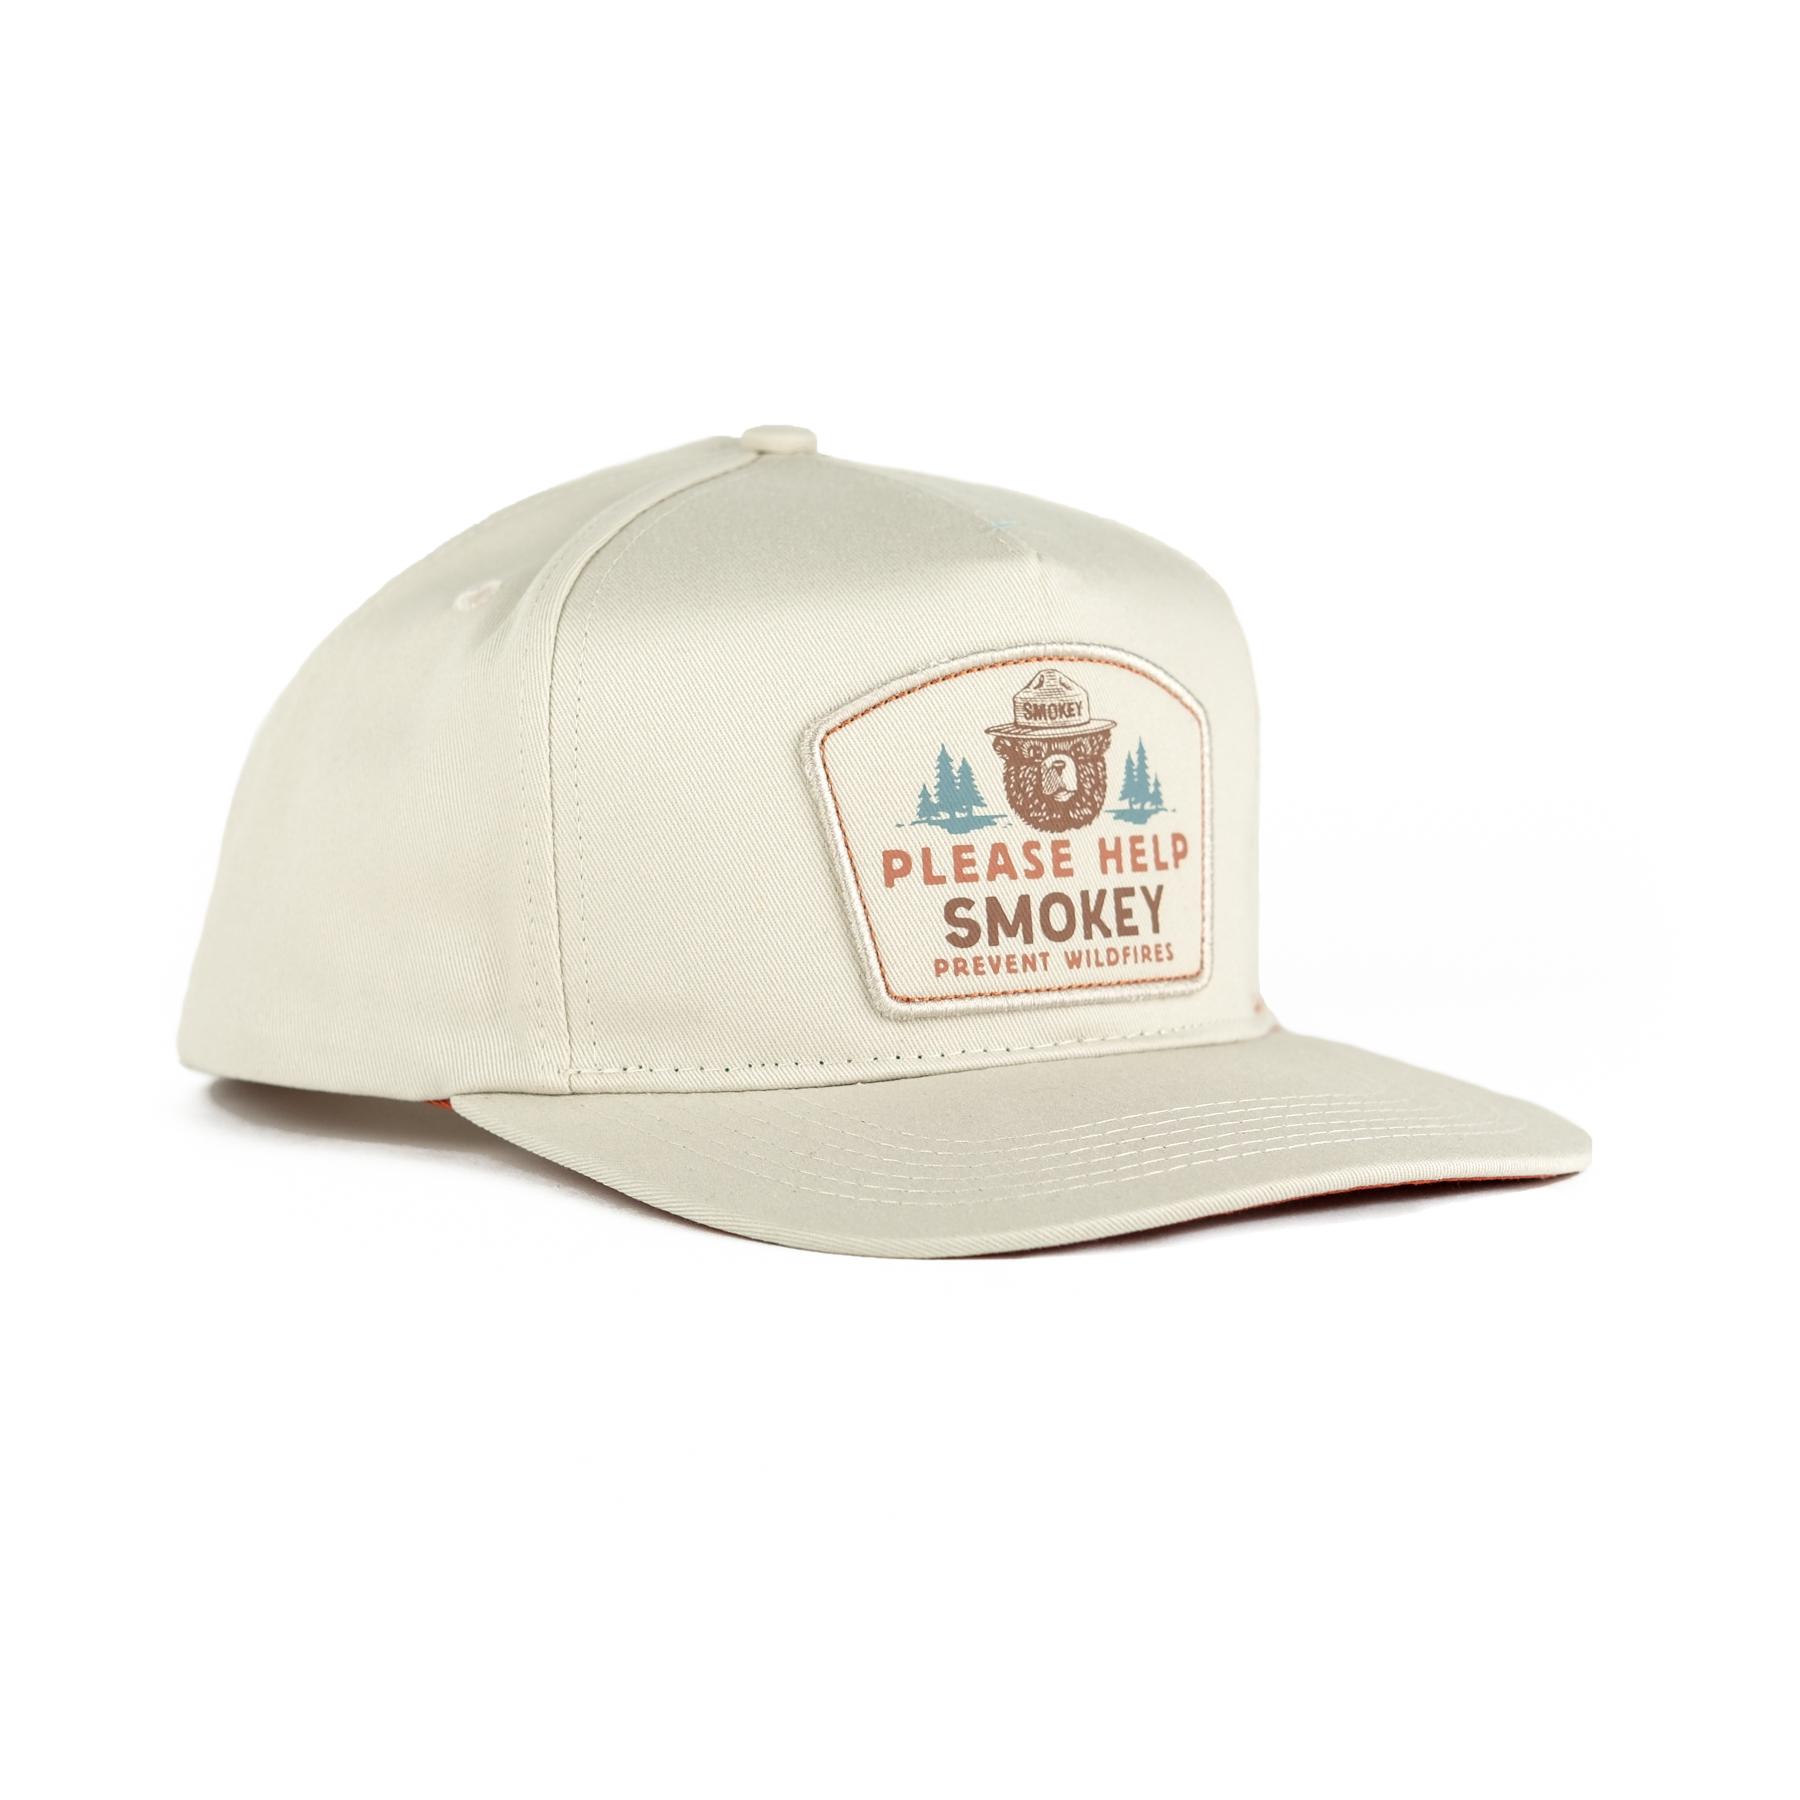 help-smokey-hat-01.jpg